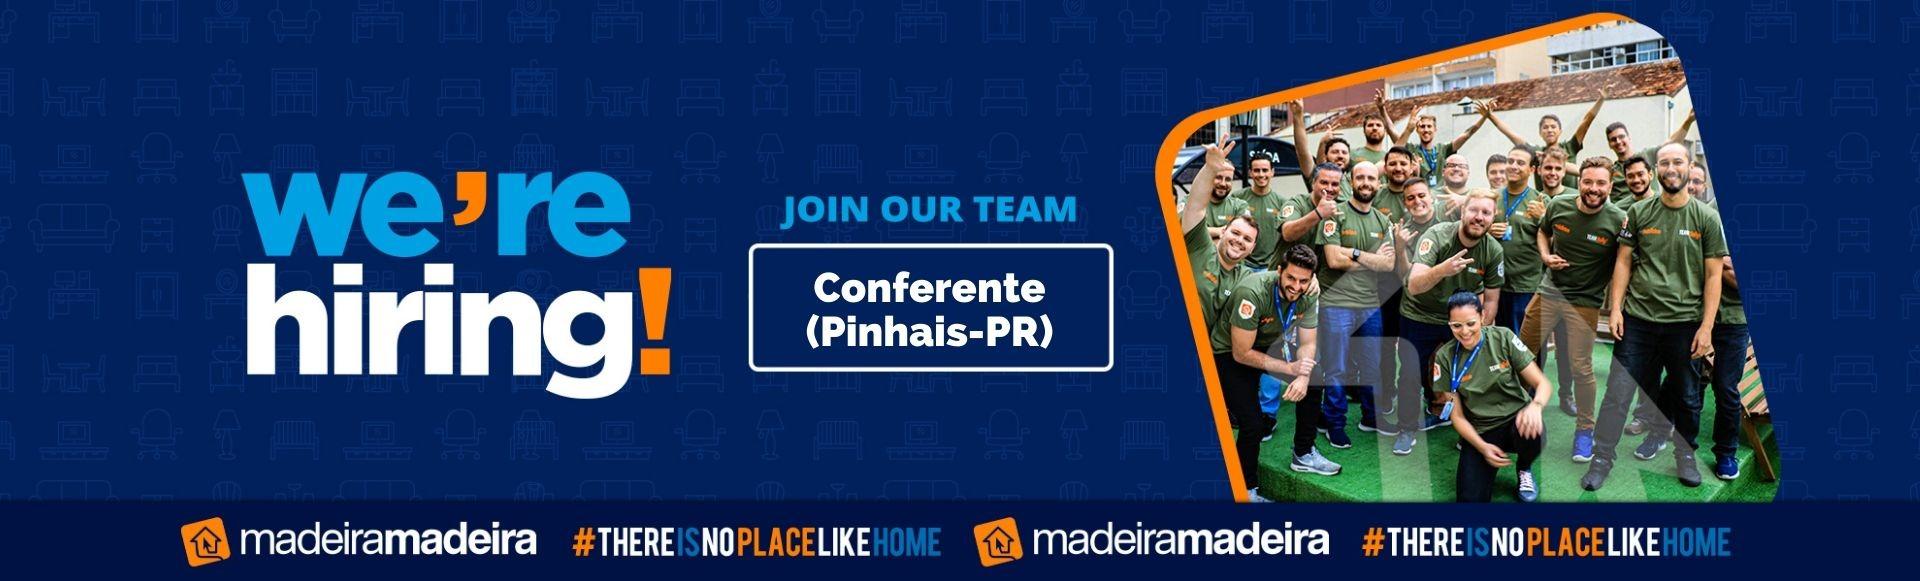 Banco de Talentos - Conferente (Pinhais-PR)